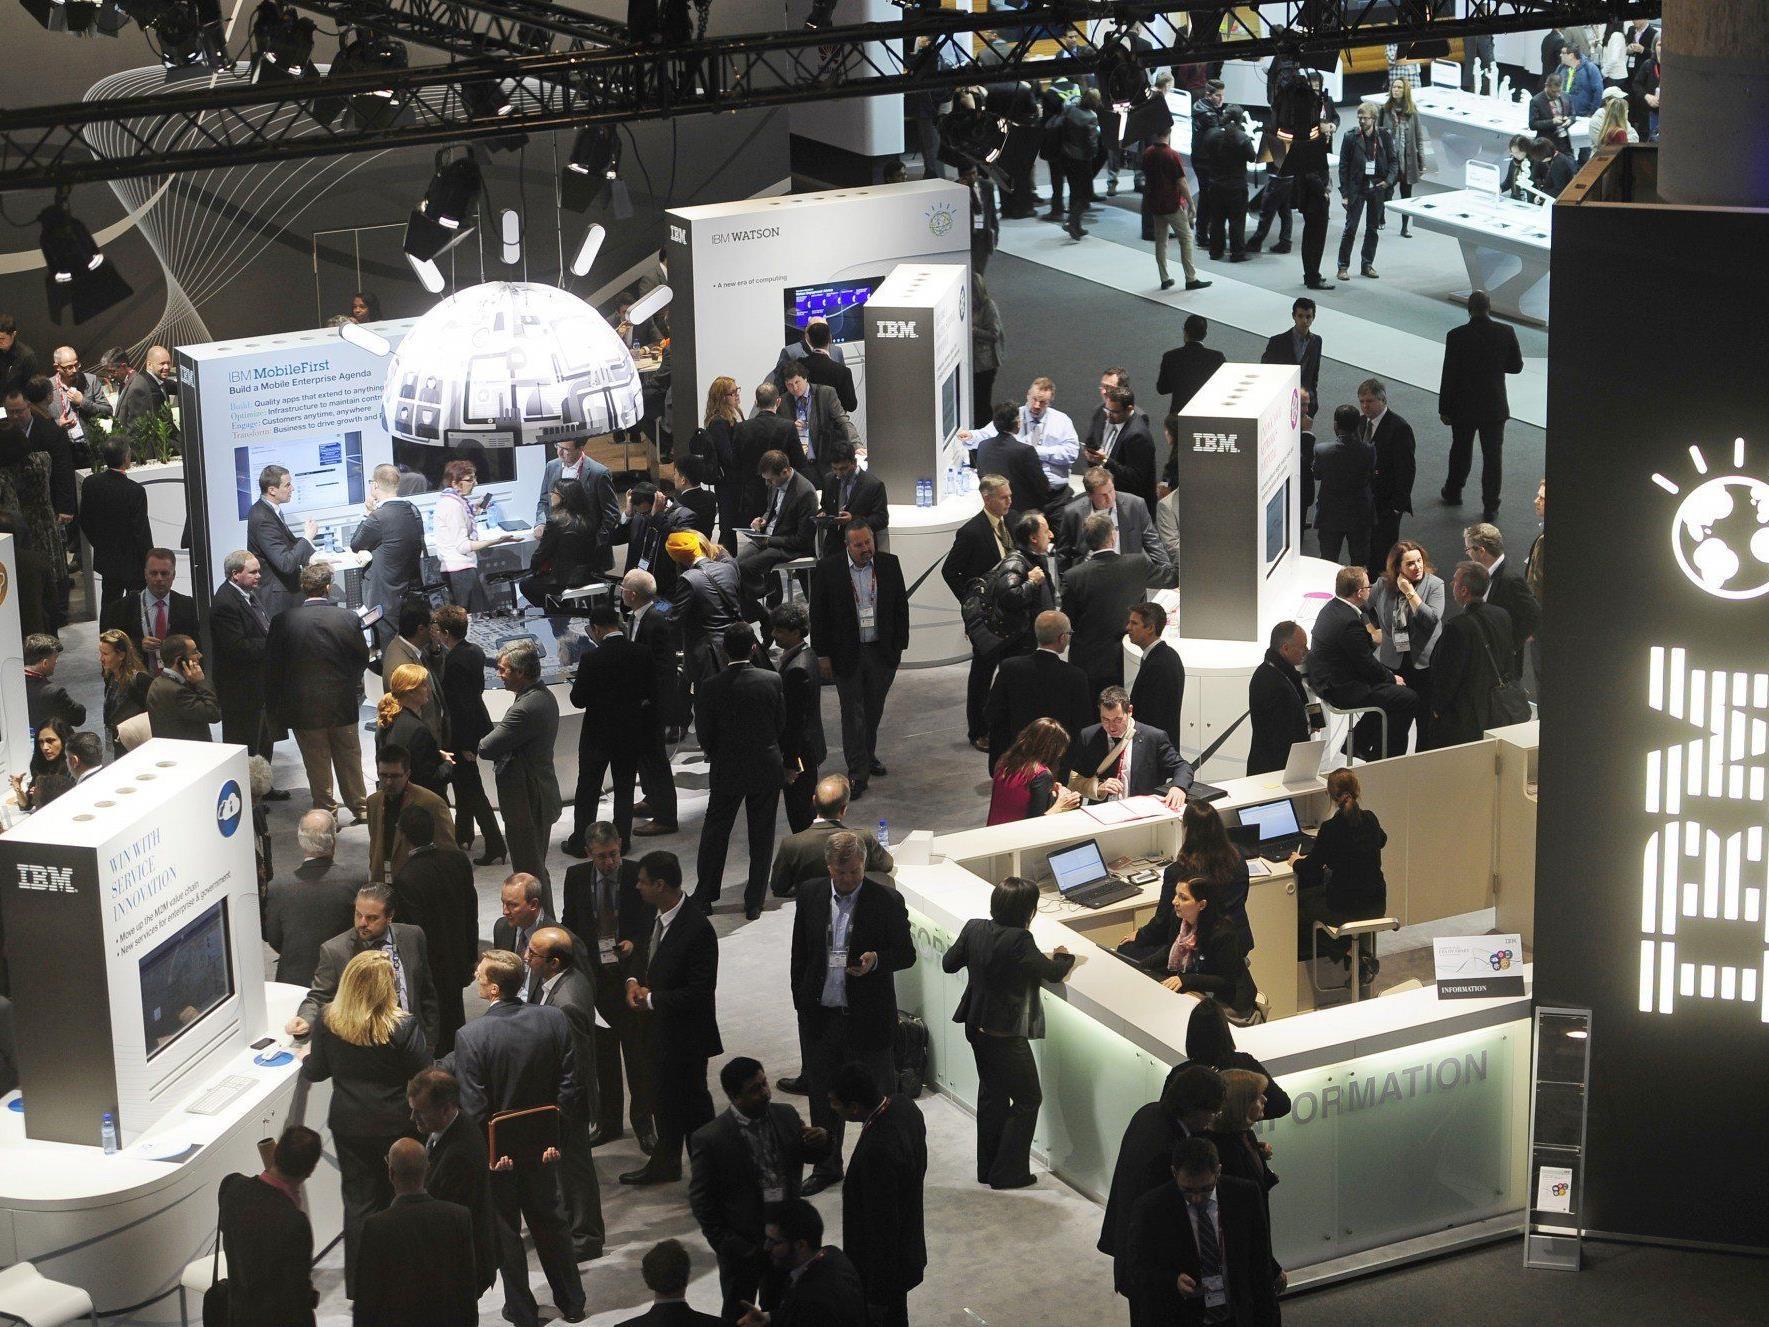 Die wichtigsten Trends des Mobile World Congress 2014 in Barcelona.